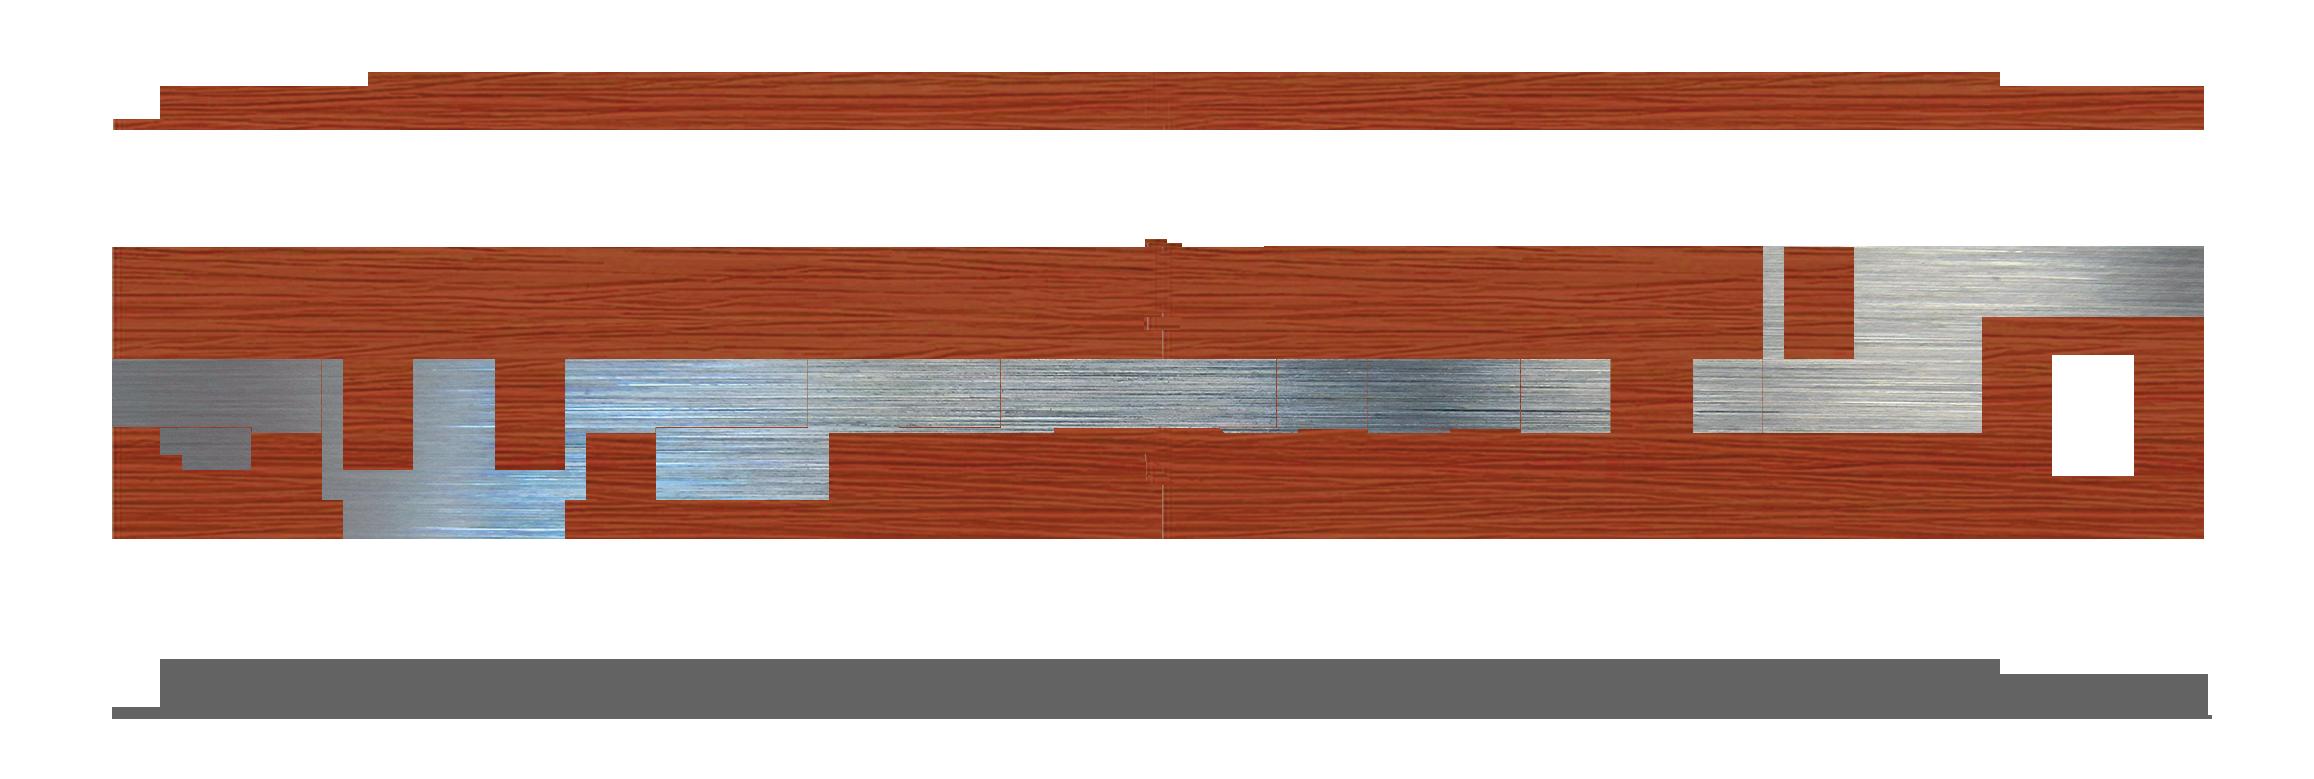 Logotipo Supergola.es